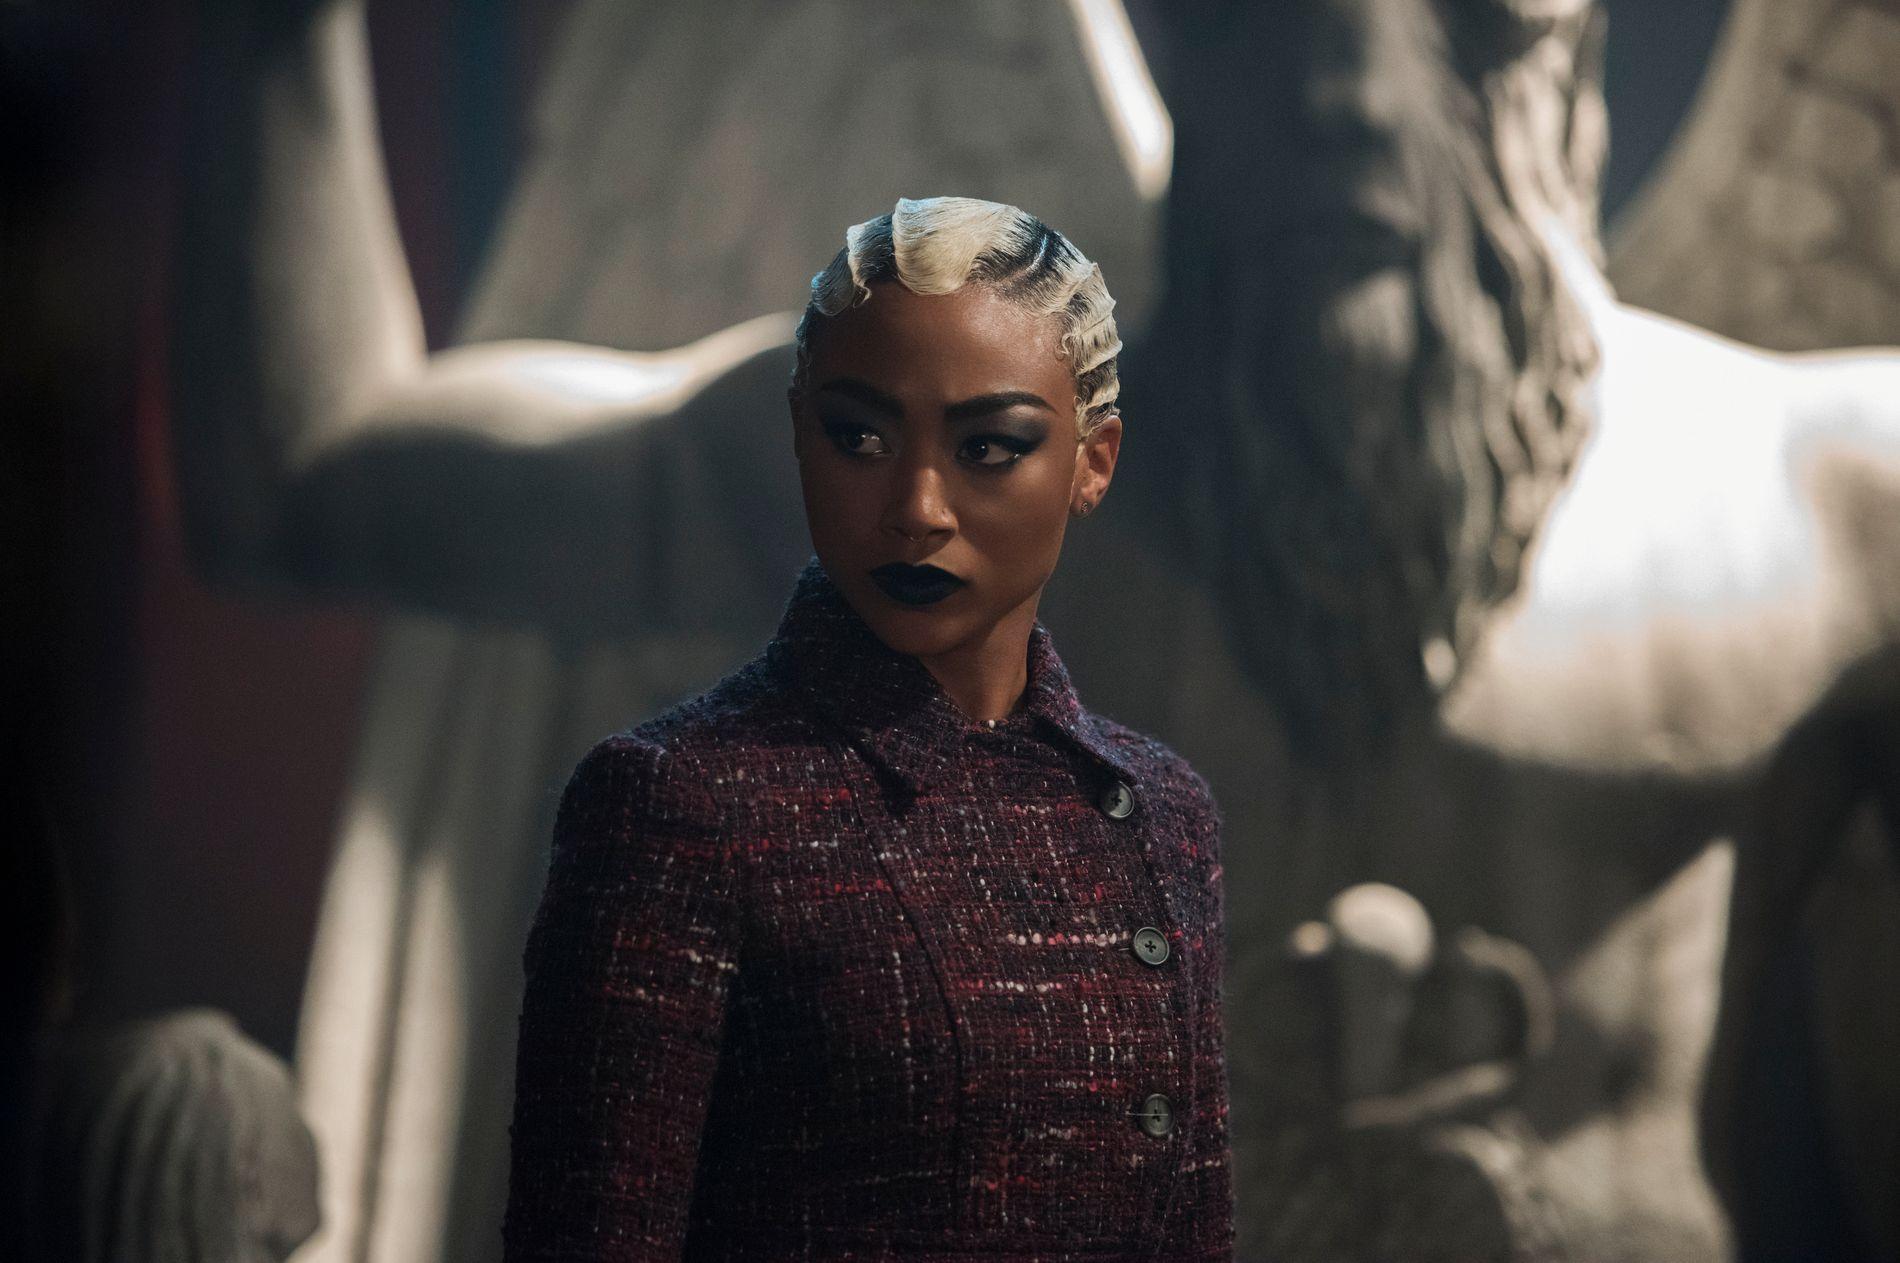 STRIDENS KJERNE: Skuespiller Tati Gabrielle i rollen som Prudence Night foran statuen som det nå krangles om.